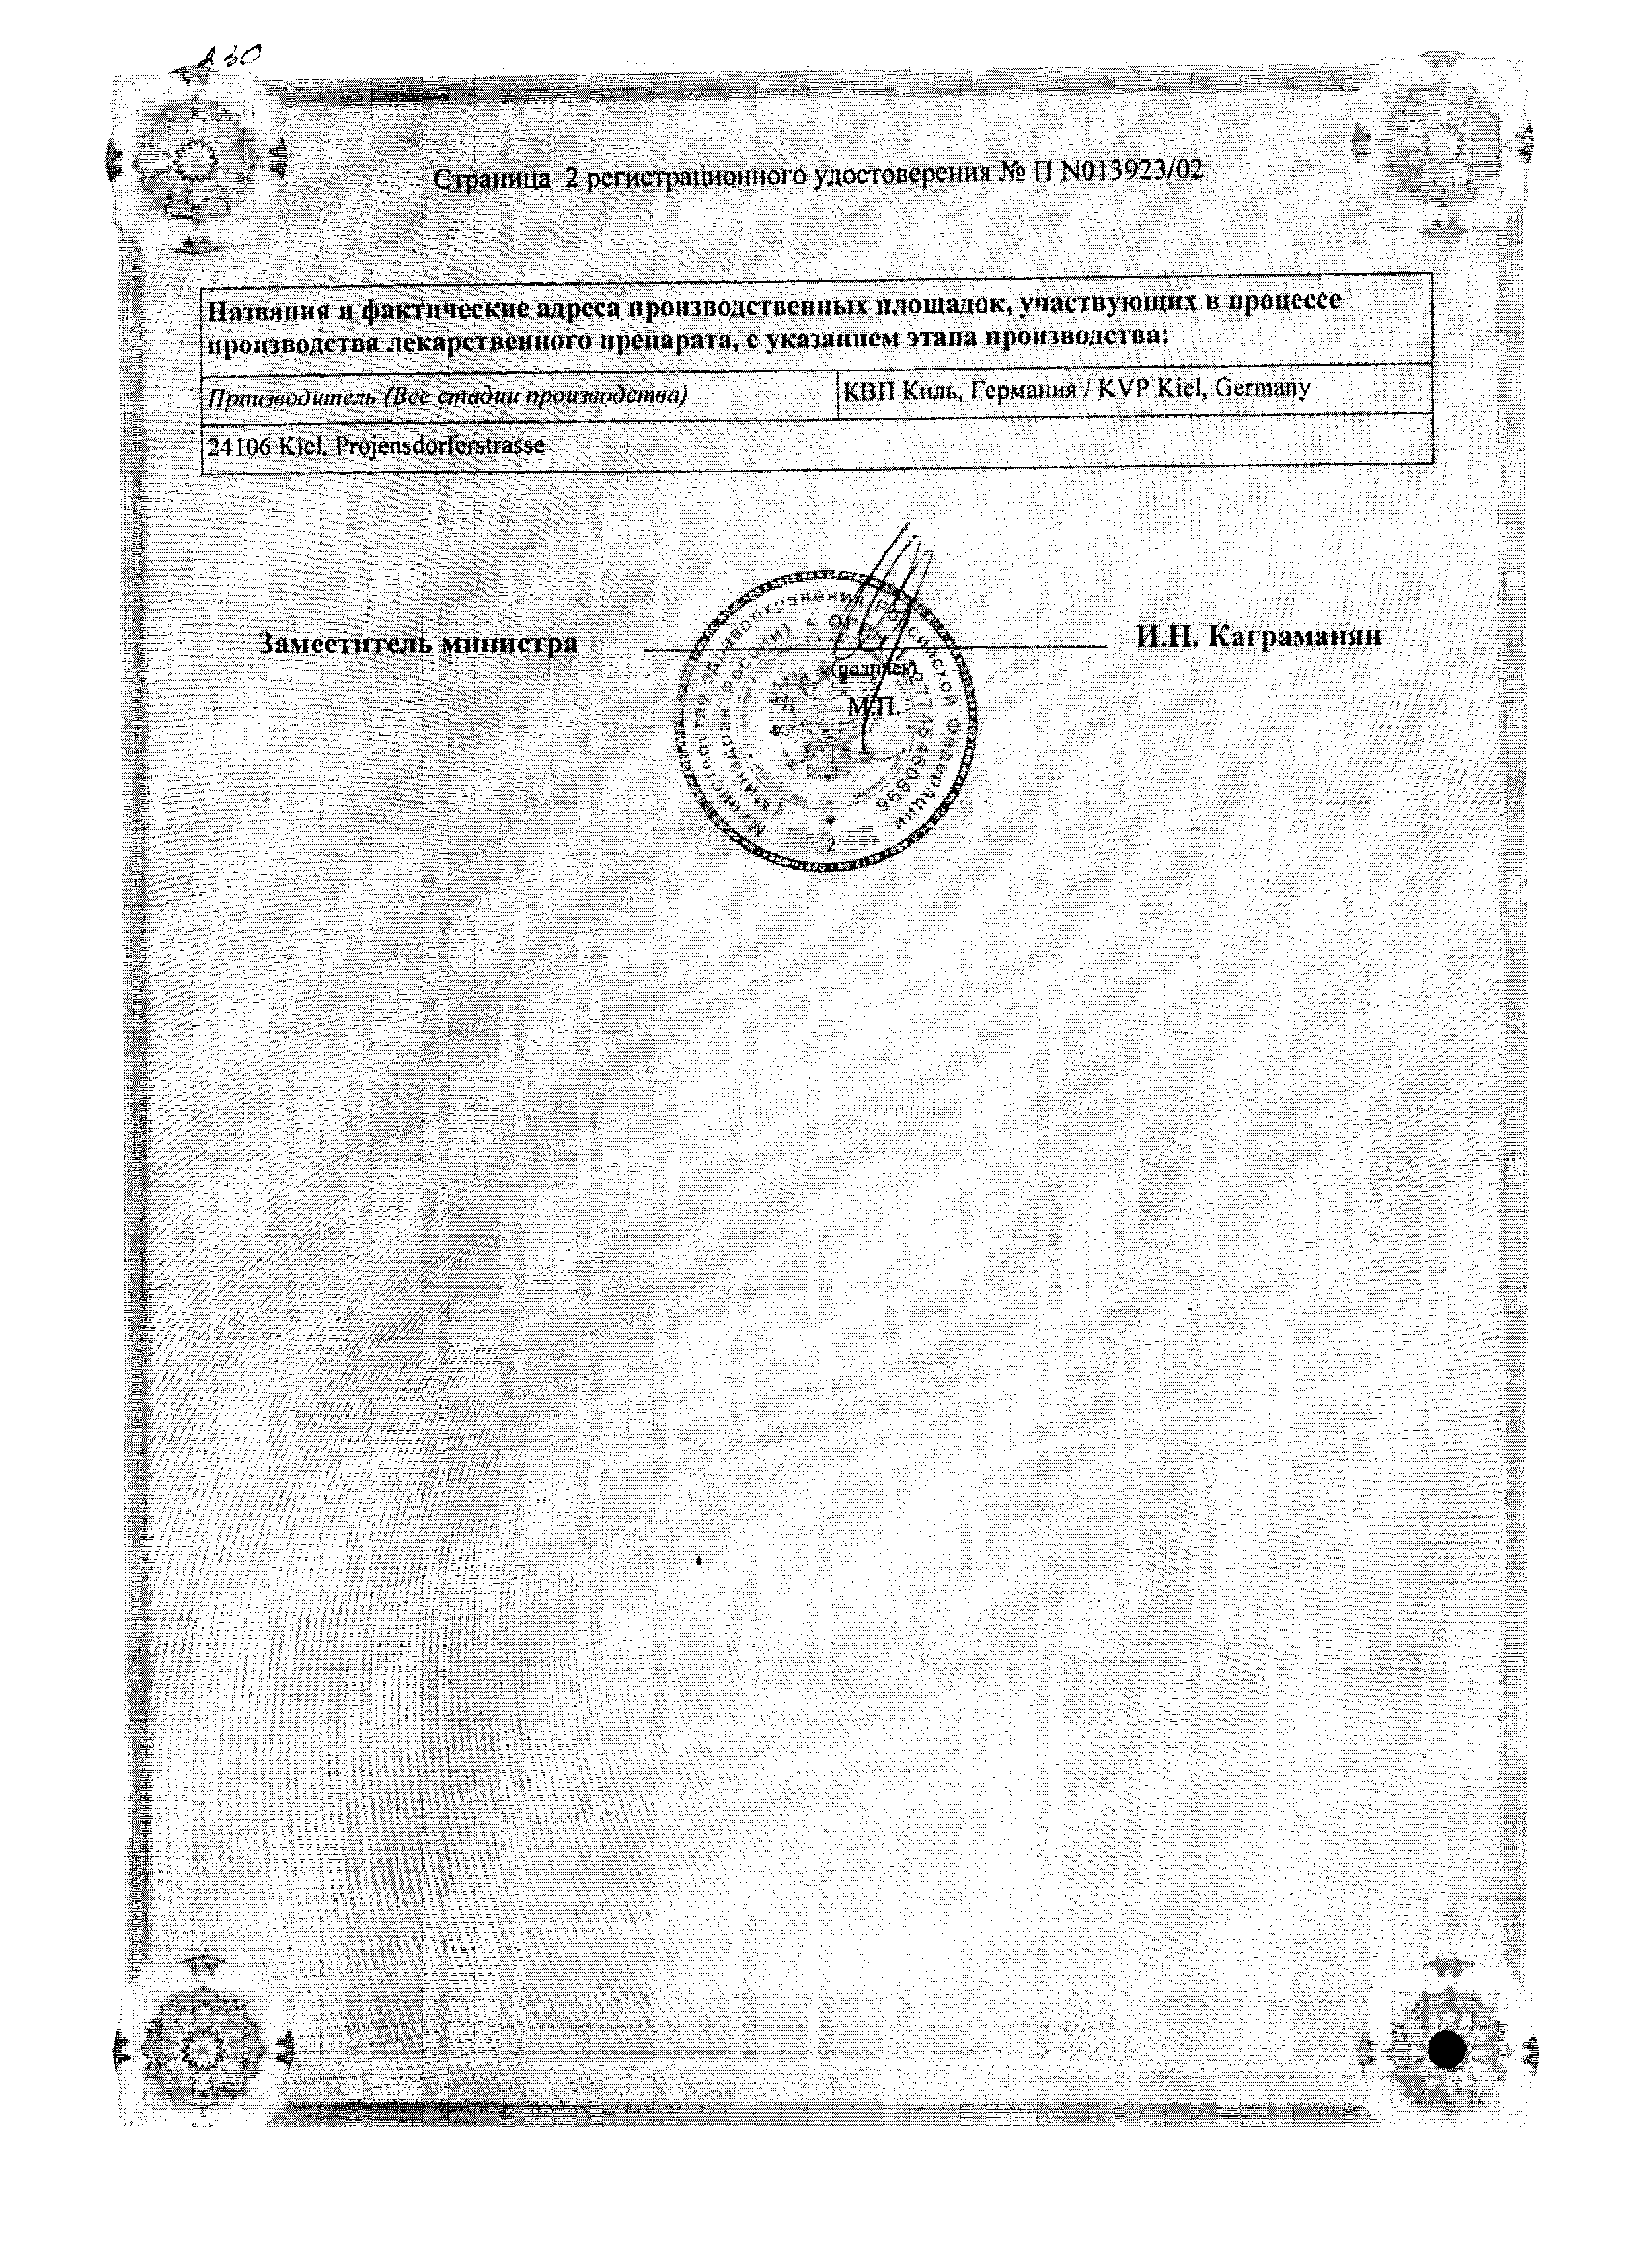 Микоспор сертификат